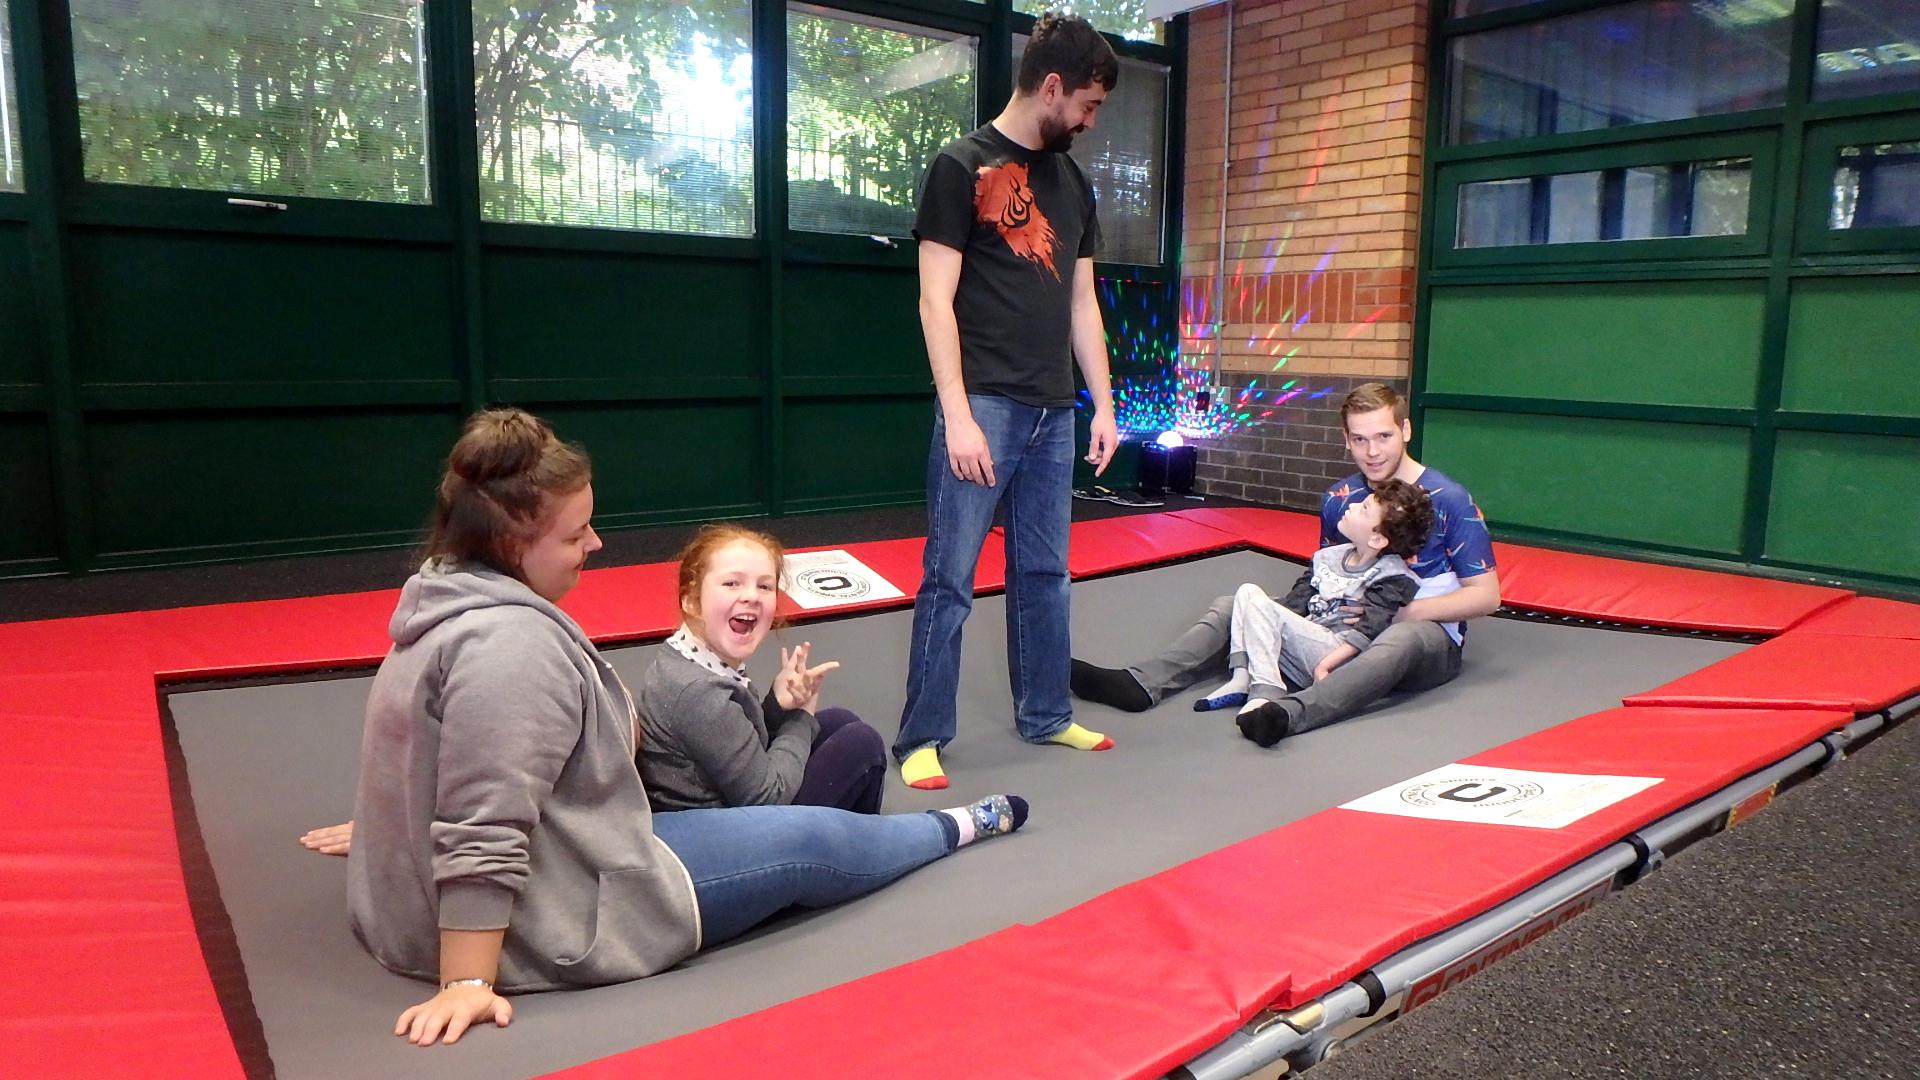 Sunken trampoline rebound therapy rebound room